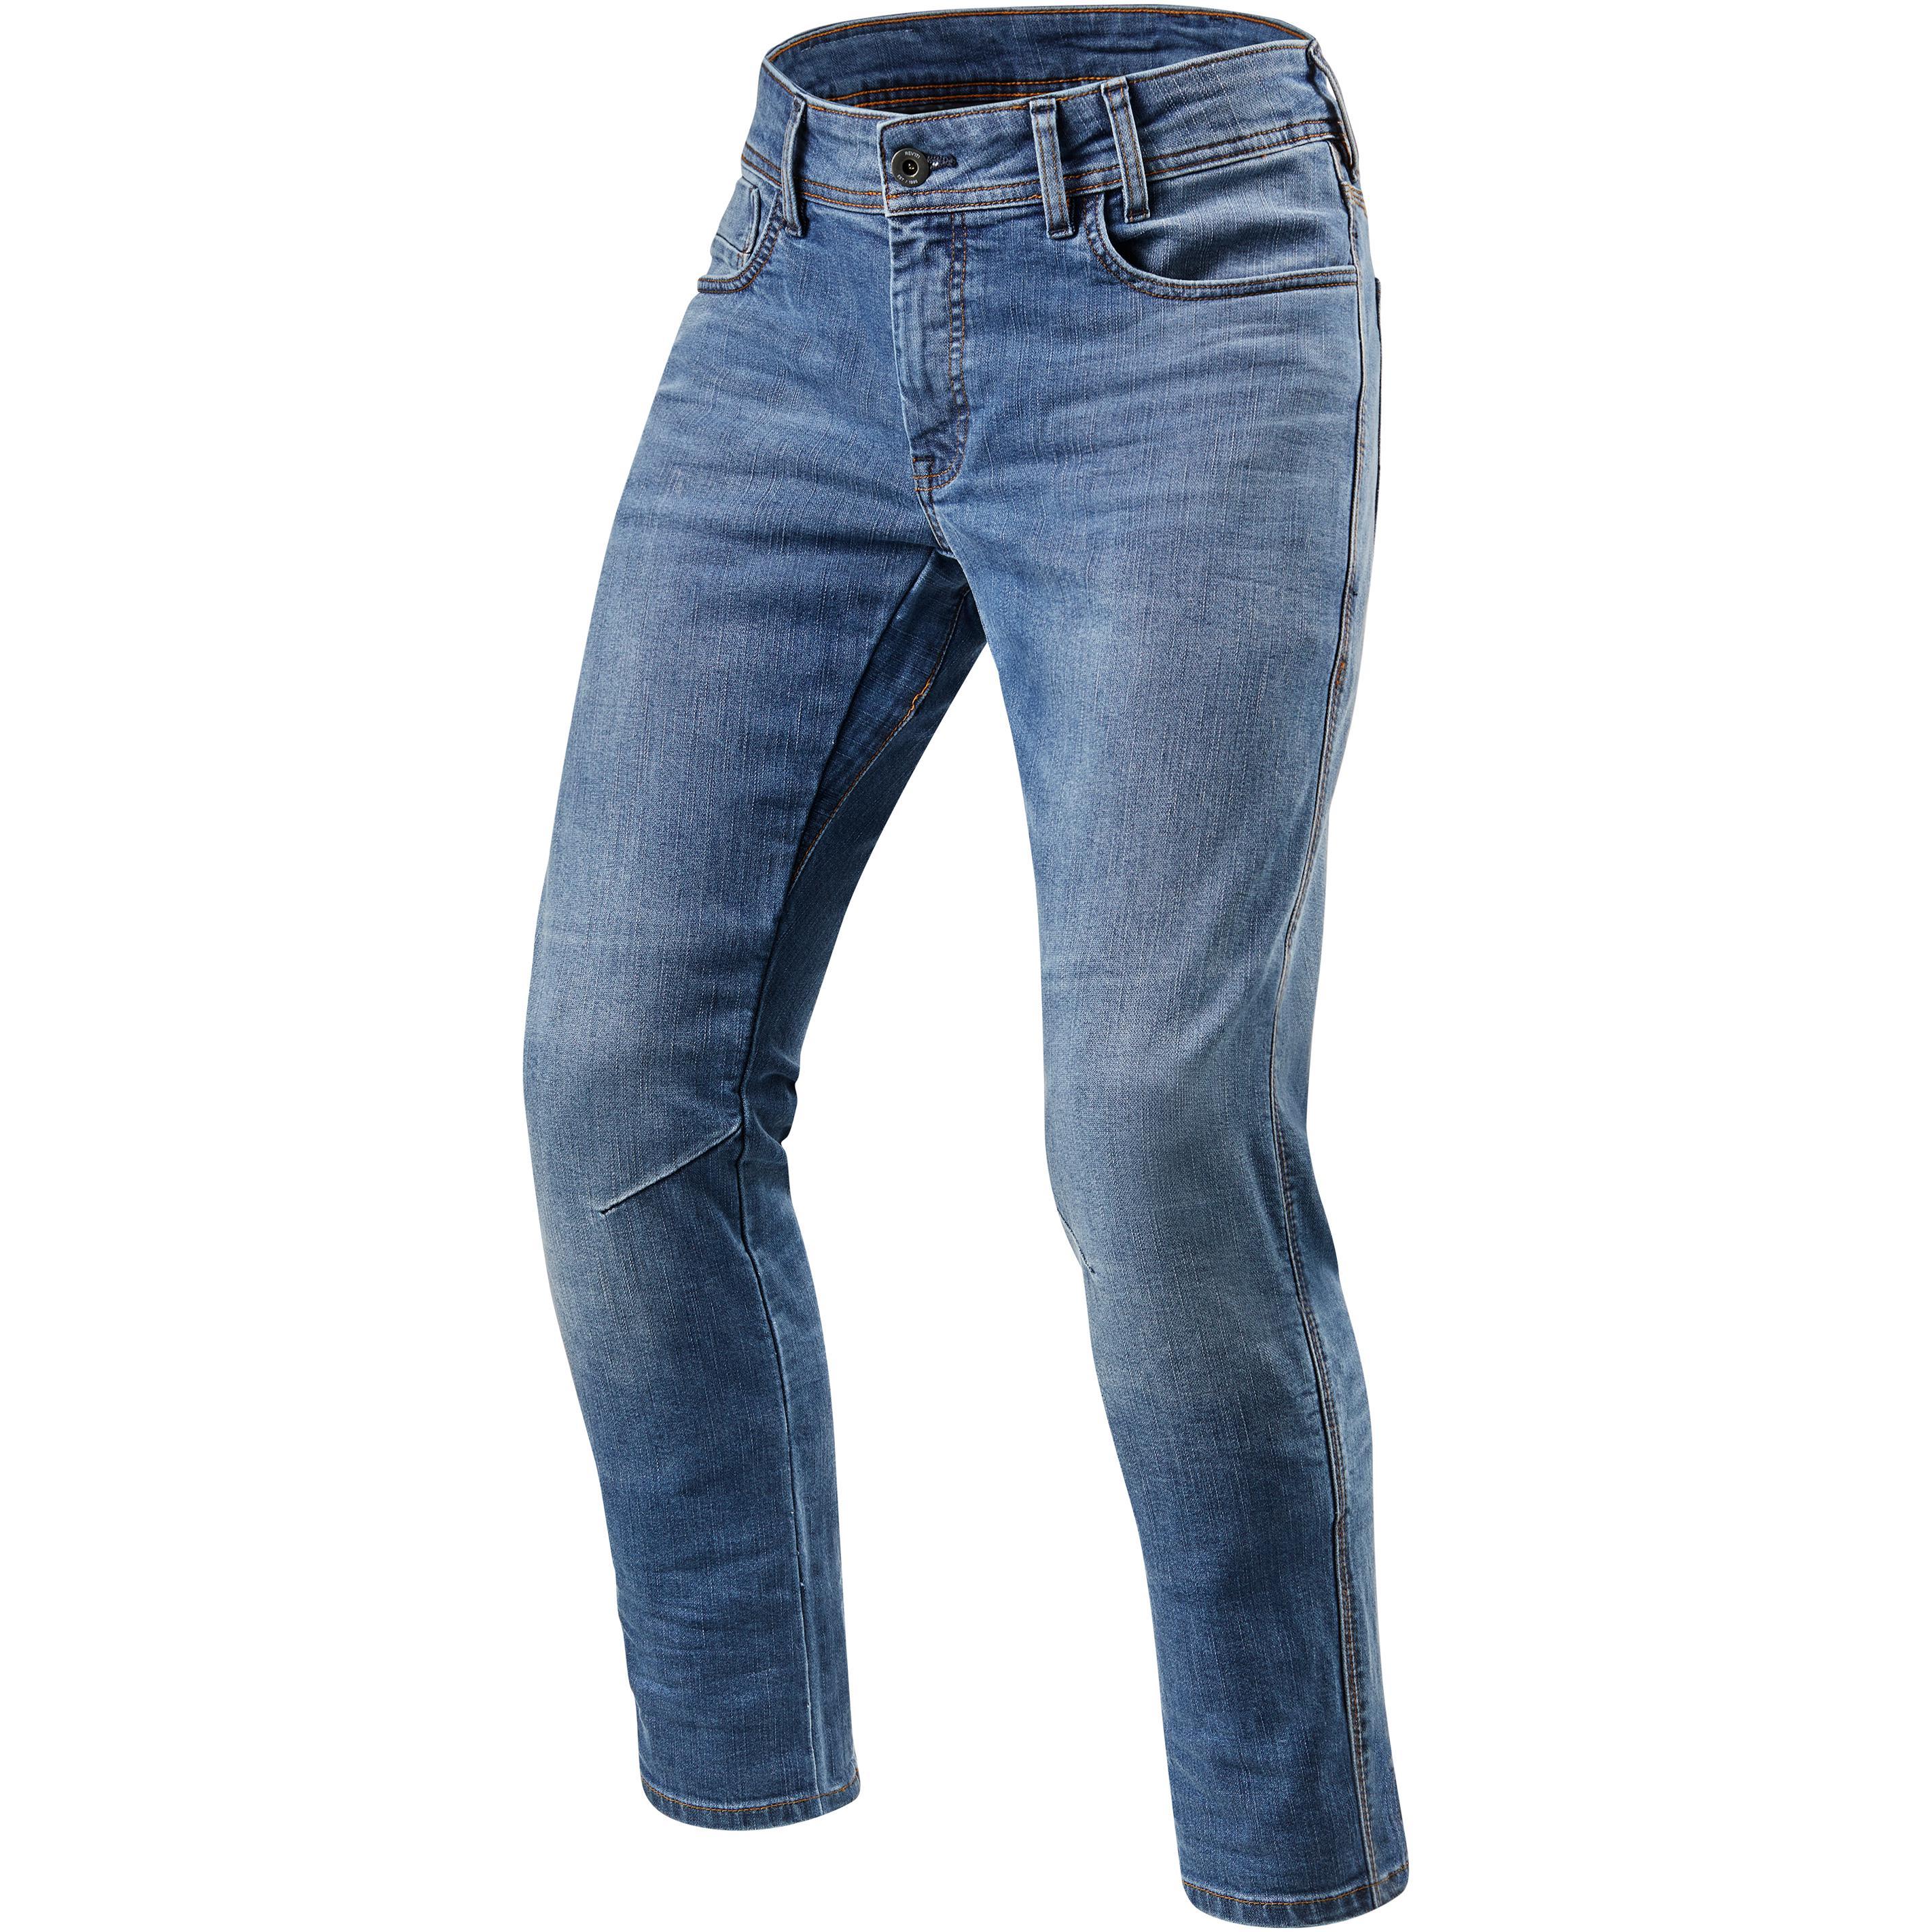 Jeans DETROIT TF REVIT